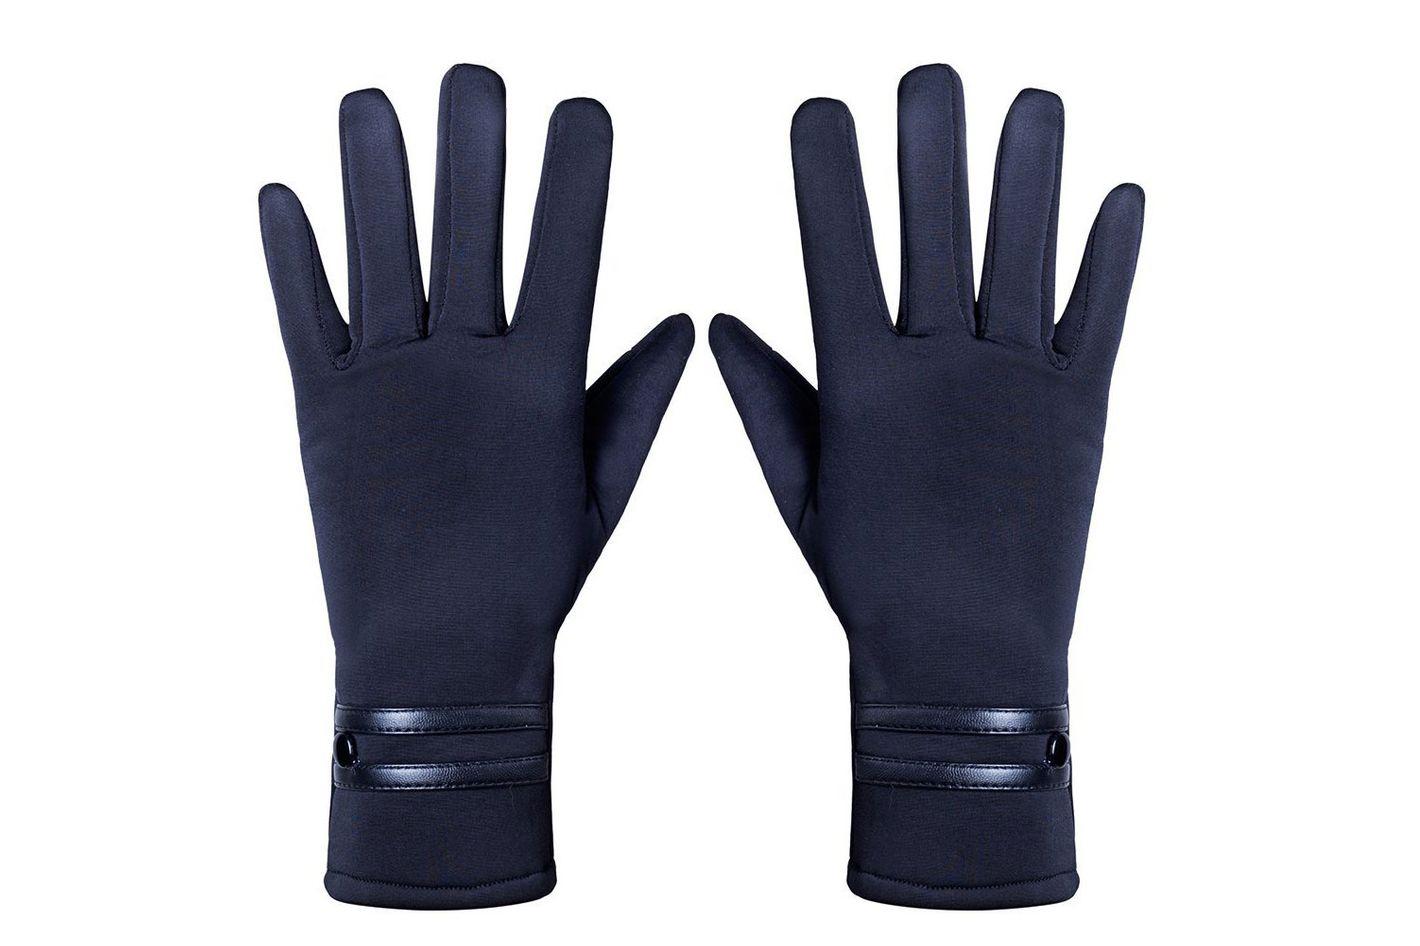 Gloue Women's Warmer Winter Gloves